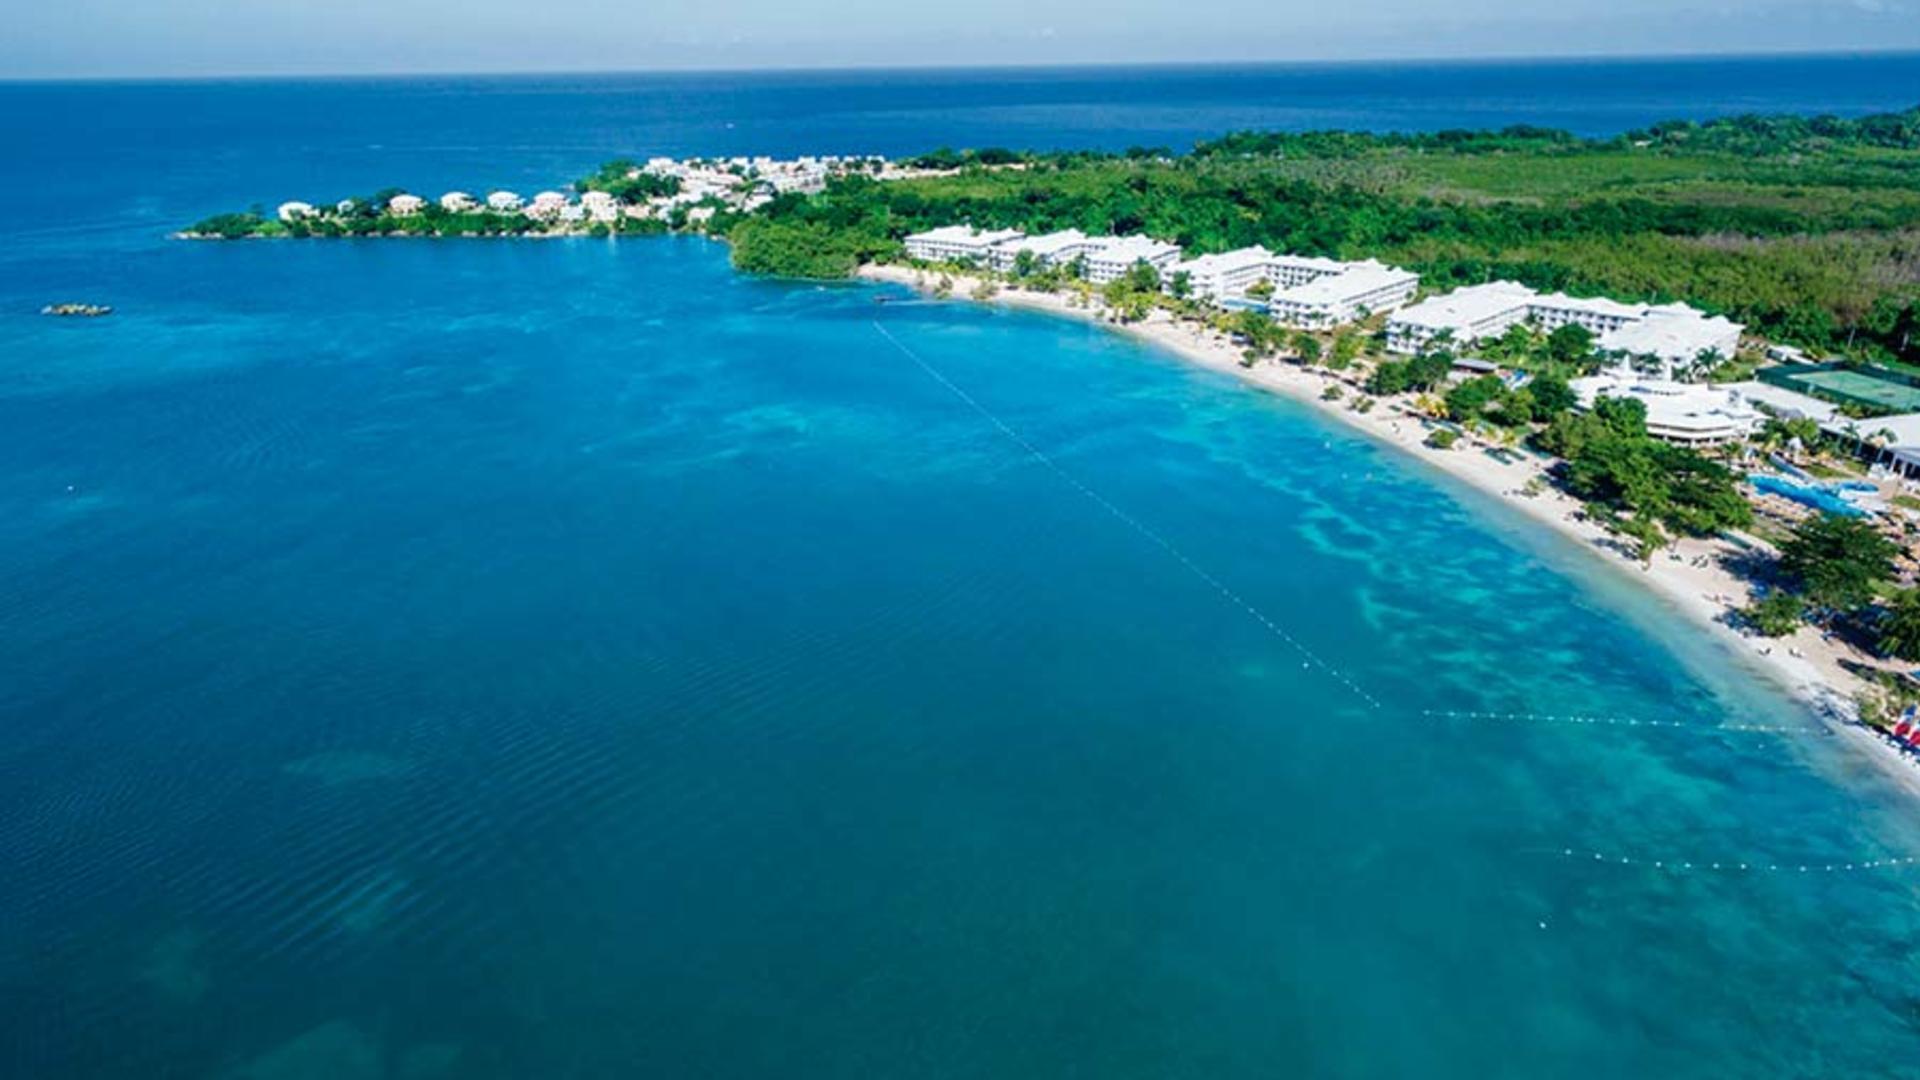 RIU Negril Resort